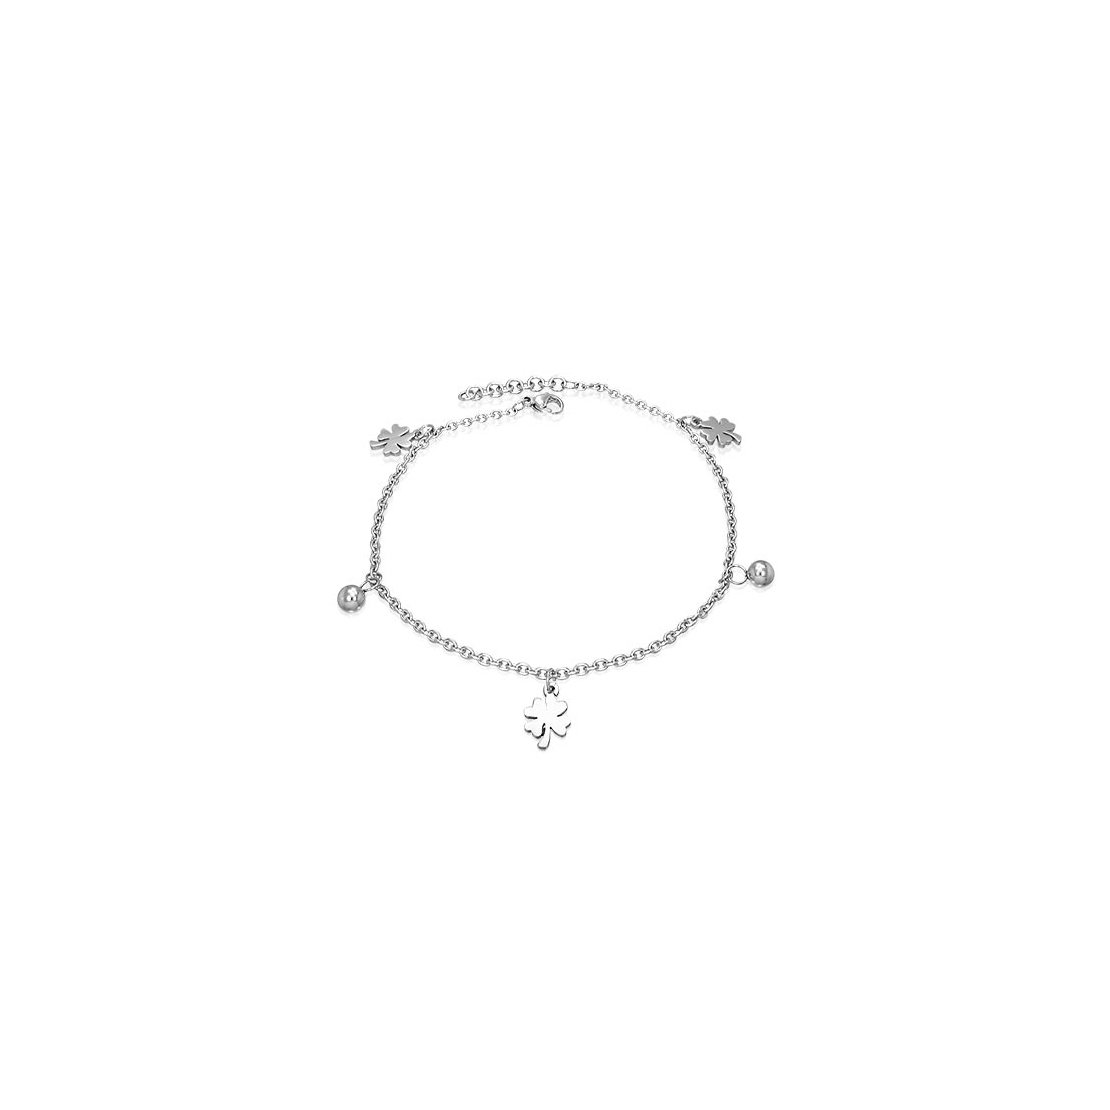 Stainless Steel Love Heart Shamrock Flower Ball Charm Anklet